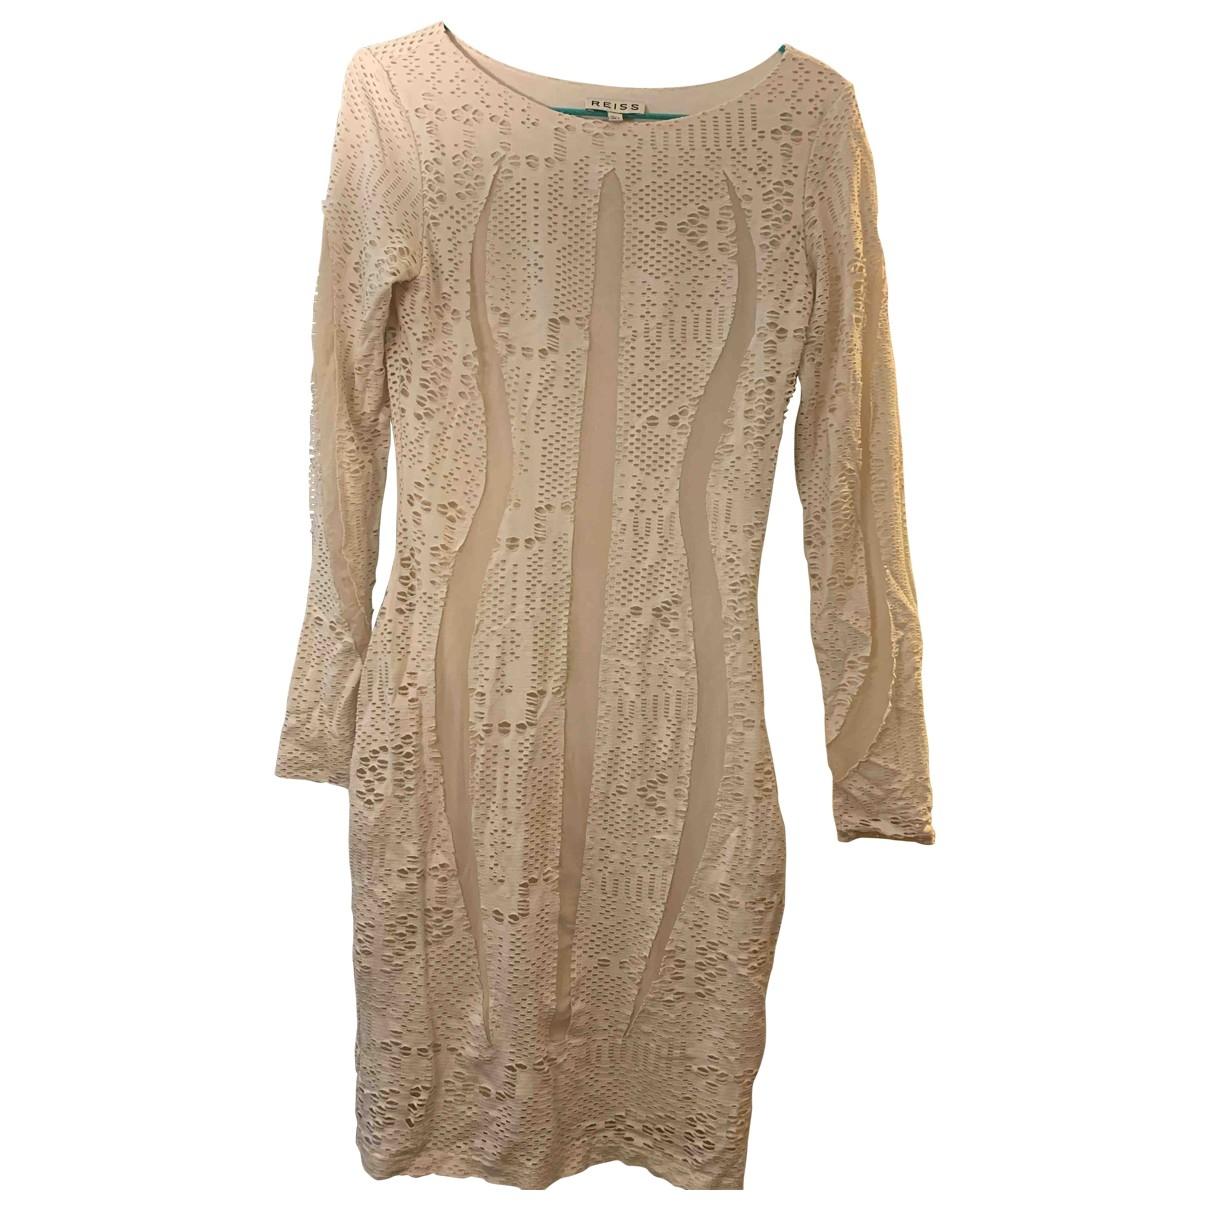 Reiss \N Kleid in  Ecru Polyester